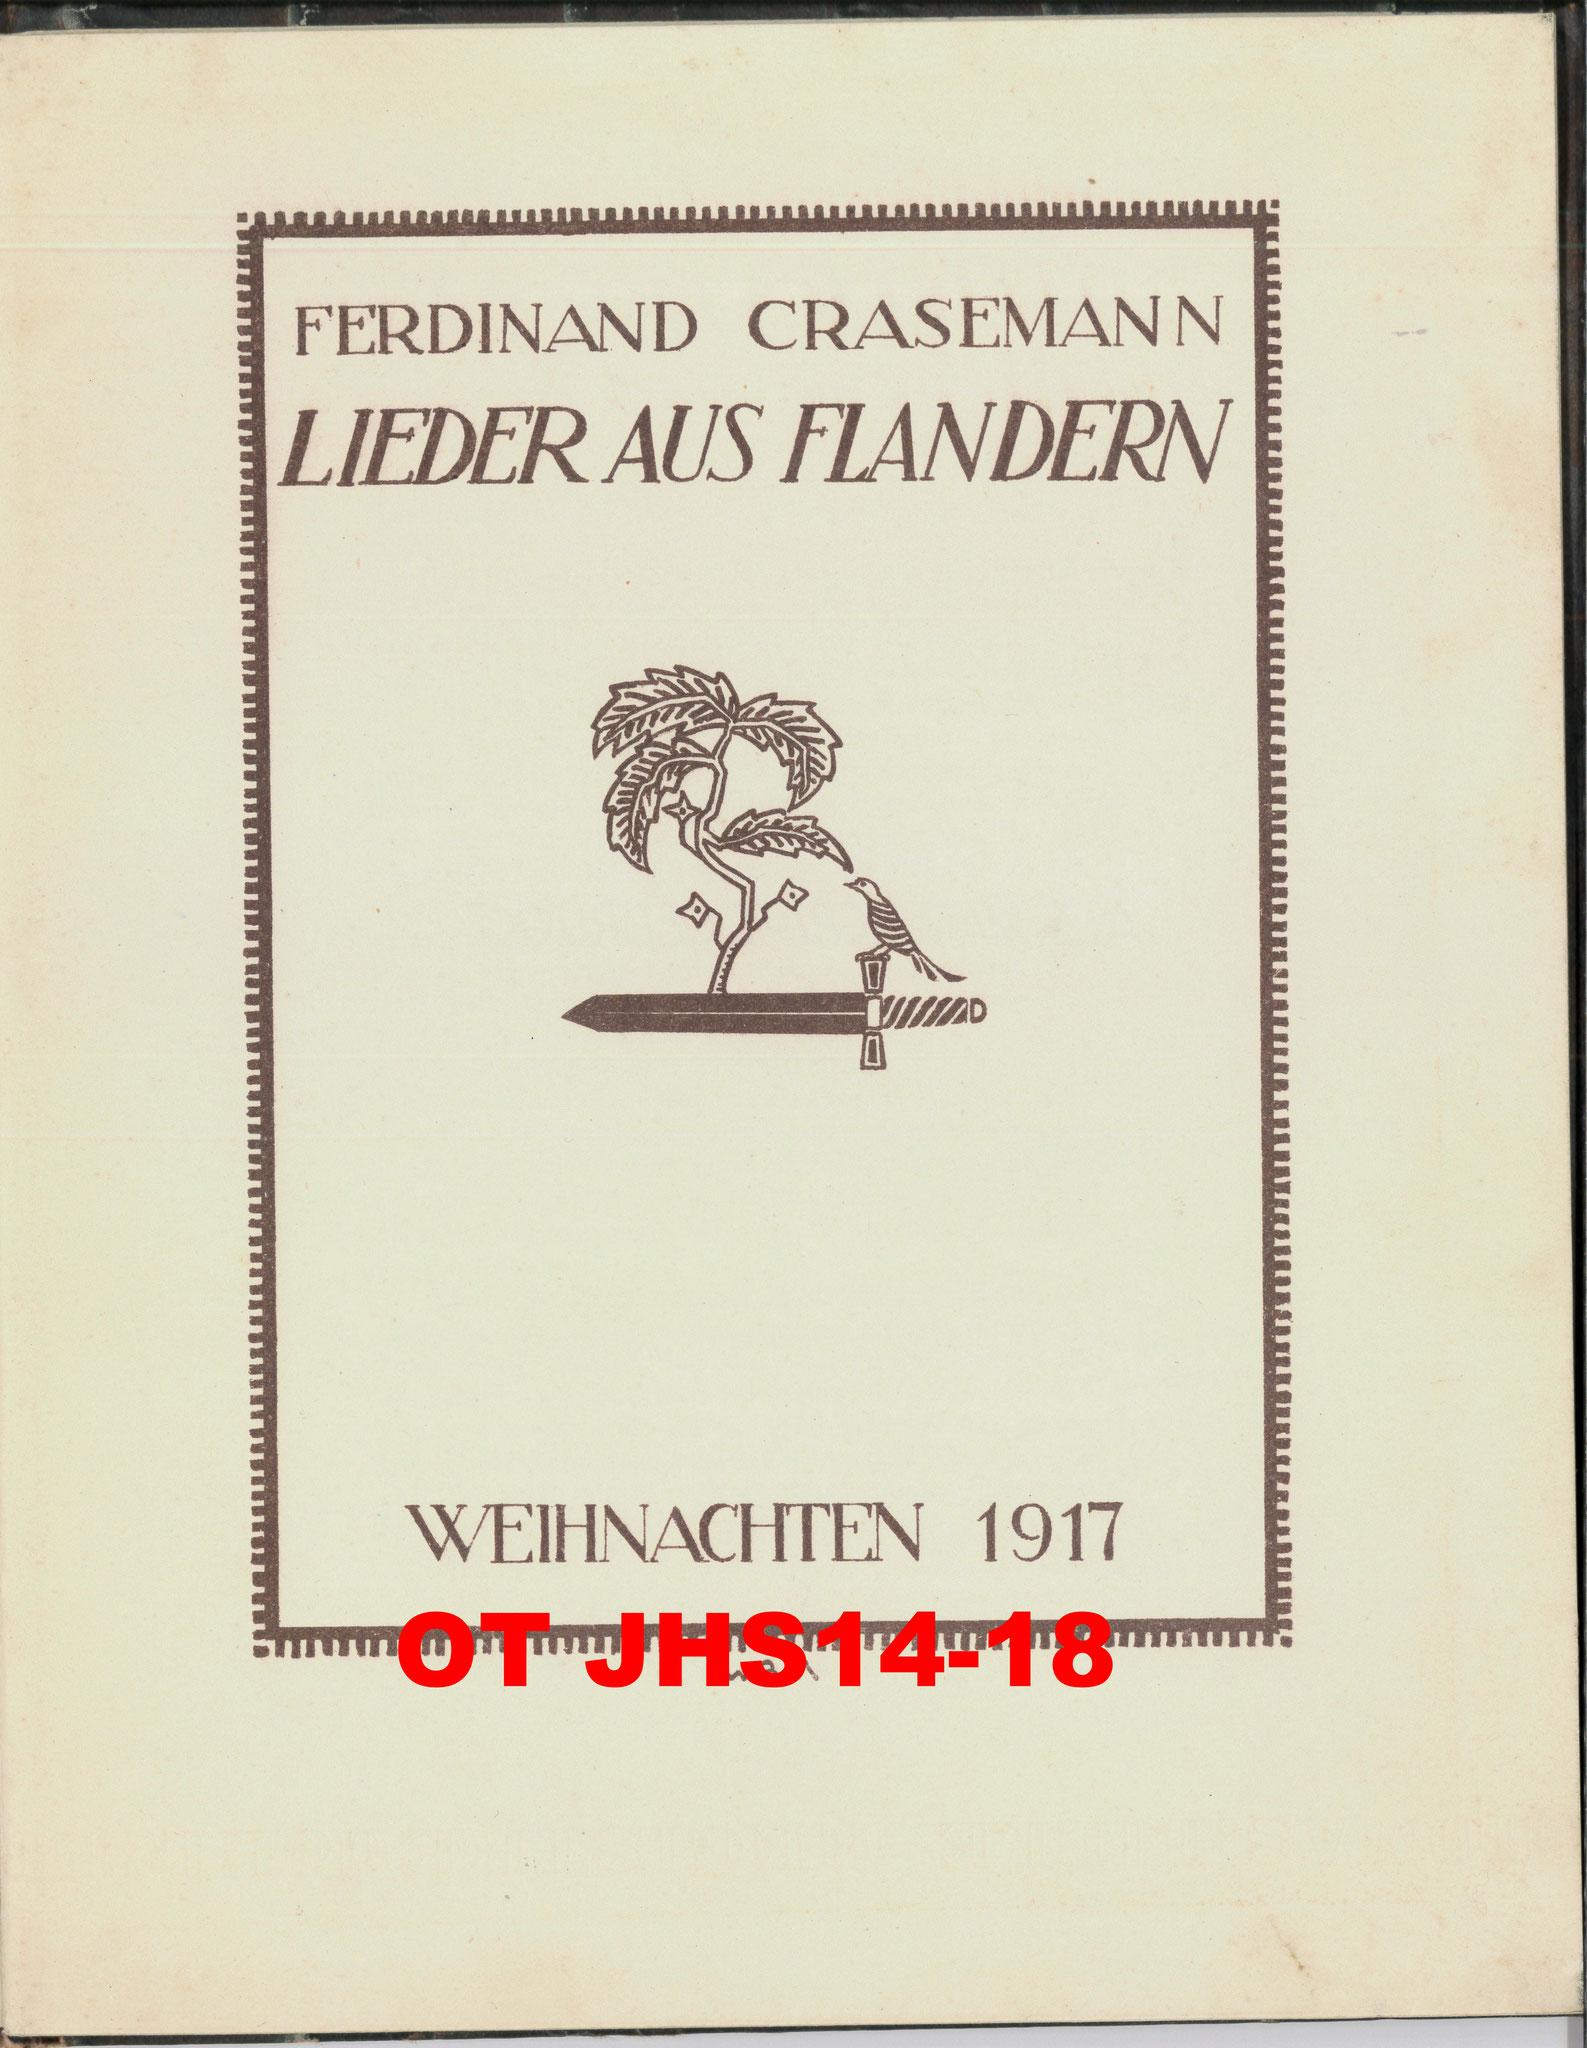 Archives OT JHS14-18 - page couverture du recueil de F. Crasemann édité et publié à la Noël 1917 - Propriété exclusive (Reproduction et copie interdites)